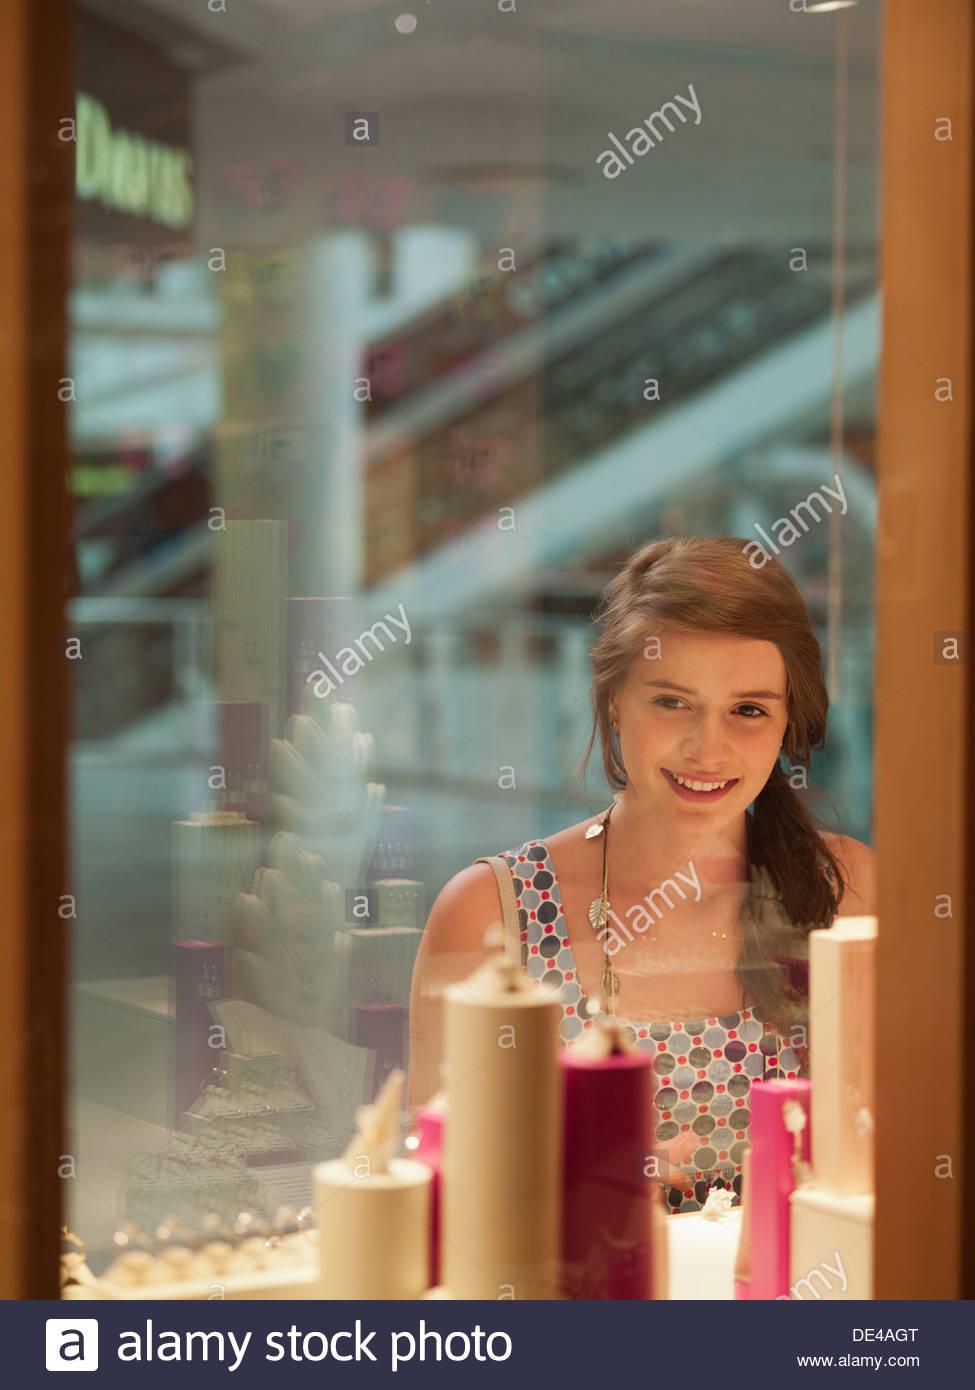 Ragazza adolescente guardando i gioielli in caso di visualizzazione Immagini Stock